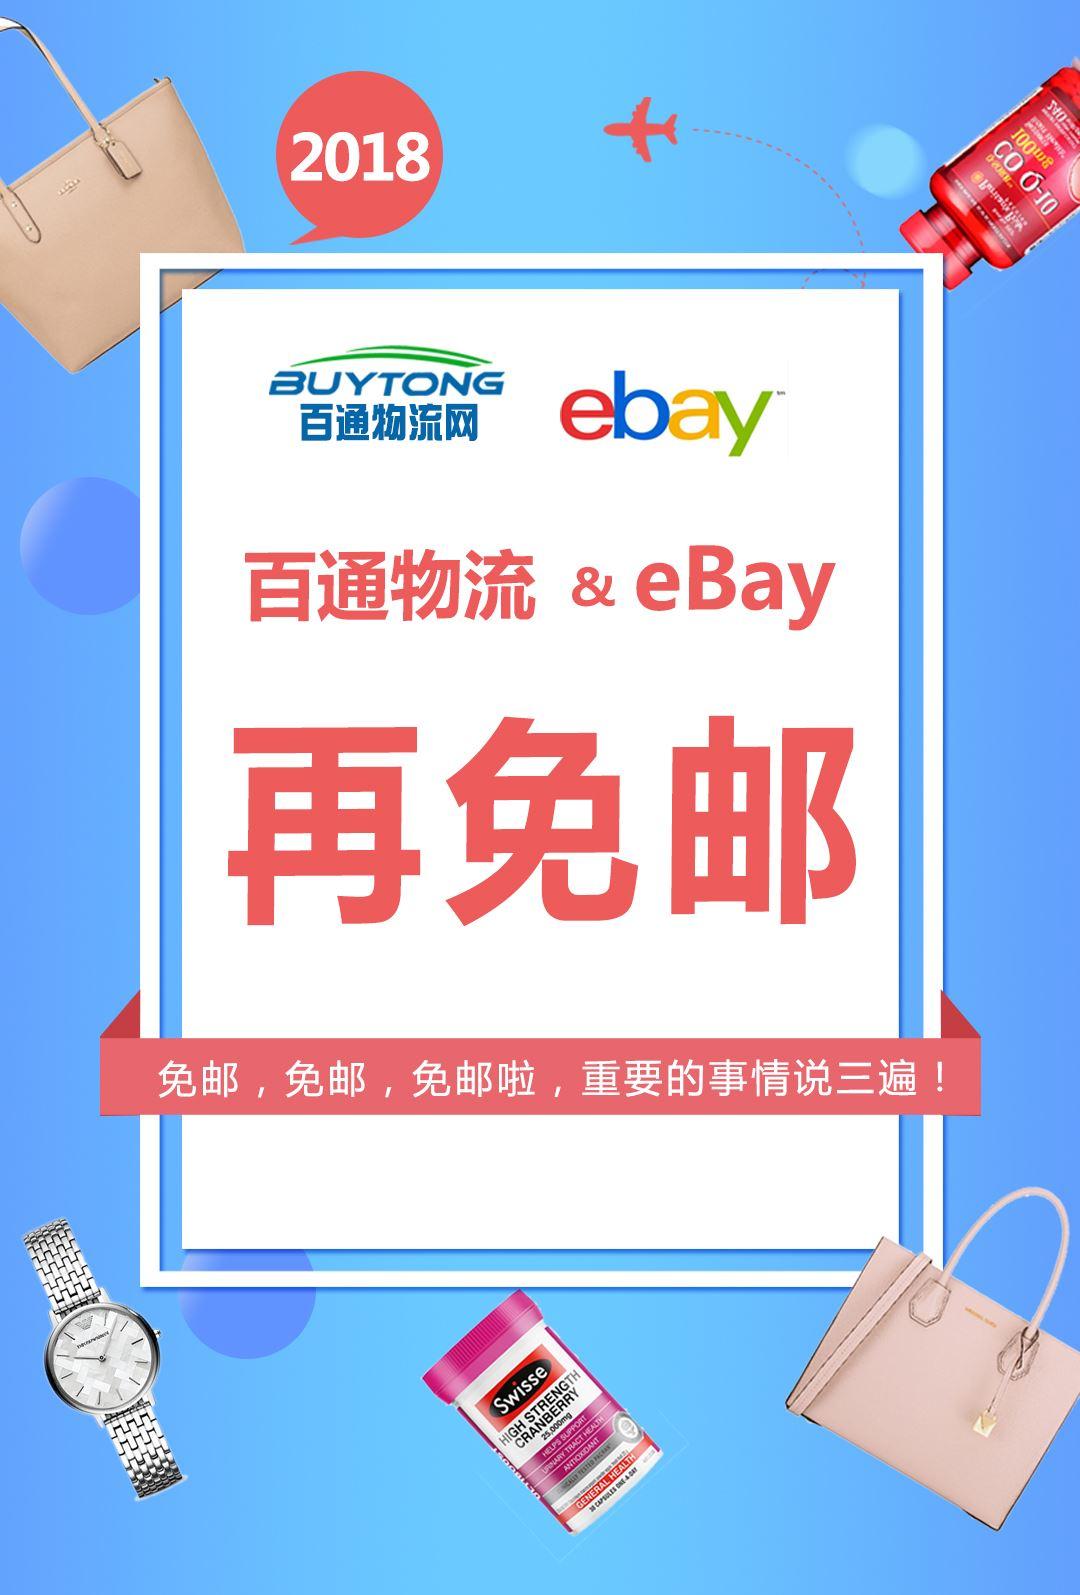 百通物流携手eBay再免邮